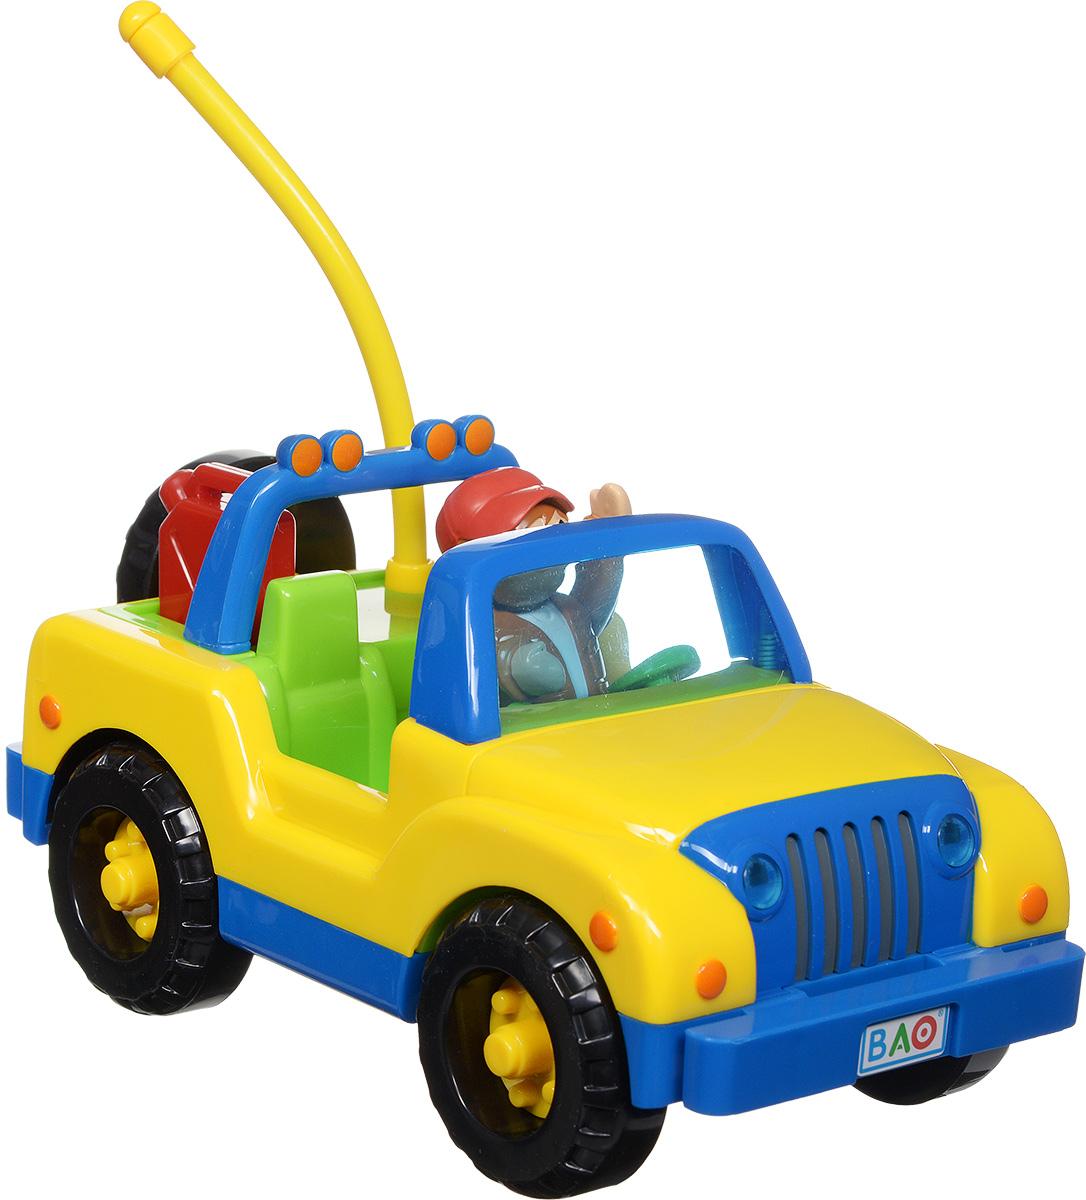 """Машинка на радиоуправлении Smoby """"4 х 4 Driver"""" обязательно понравится вашему ребенку. Игрушка, выполненная из безопасного прочного пластика ярких цветов, надолго привлечет внимание малыша. Пульт управления для самых маленьких содержит всего две кнопки, с помощью которых машинка может ехать вперед и по кругу. Фигурка водителя съемная, также в багажнике помещается съемная канистра. Пульт управления работает на частоте 27 MHz. Радиоуправляемые игрушки развивают моторику ребенка, его логику, координацию движений и пространственное мышление. Порадуйте своего малыша таким замечательным подарком! Для работы игрушки необходимо докупить 4 батарейки напряжением 1,5 V типа АА (не входят в комплект). Для работы пульта управления необходимо докупить 2 батарейки напряжением 1,5 V типа АА (не входят в комплект)."""